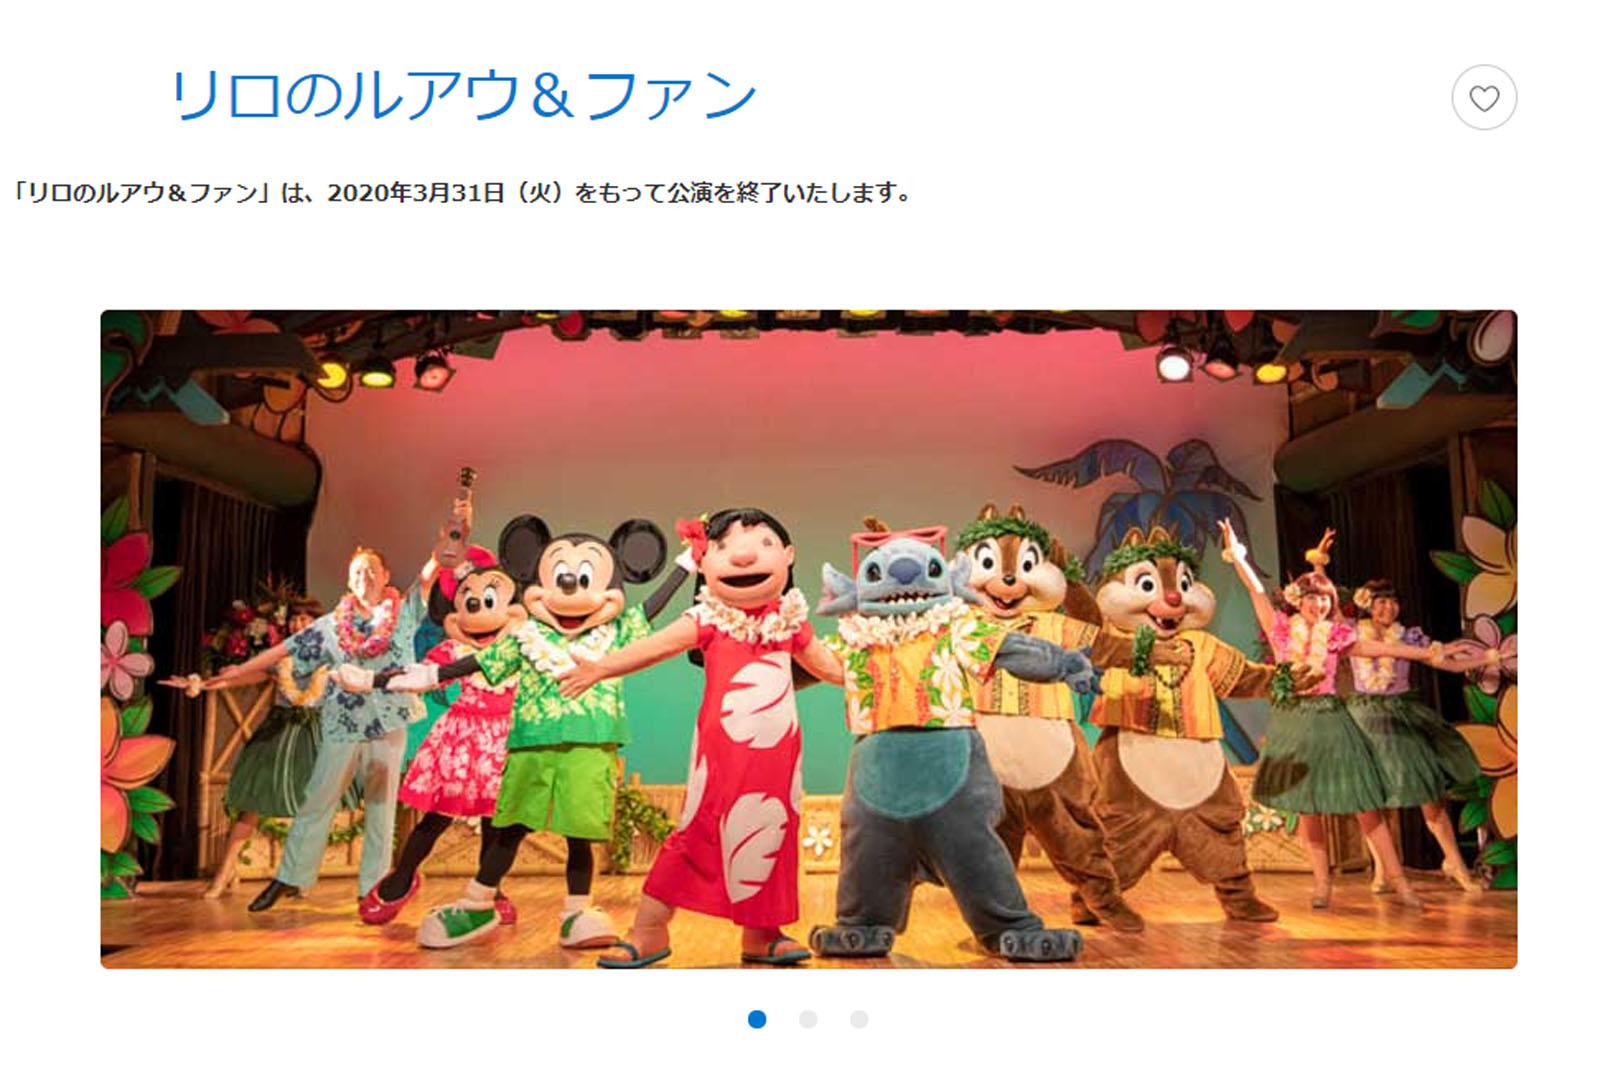 東京ディズニーランド リロのルアウ&ファン 2020年3月31日終了